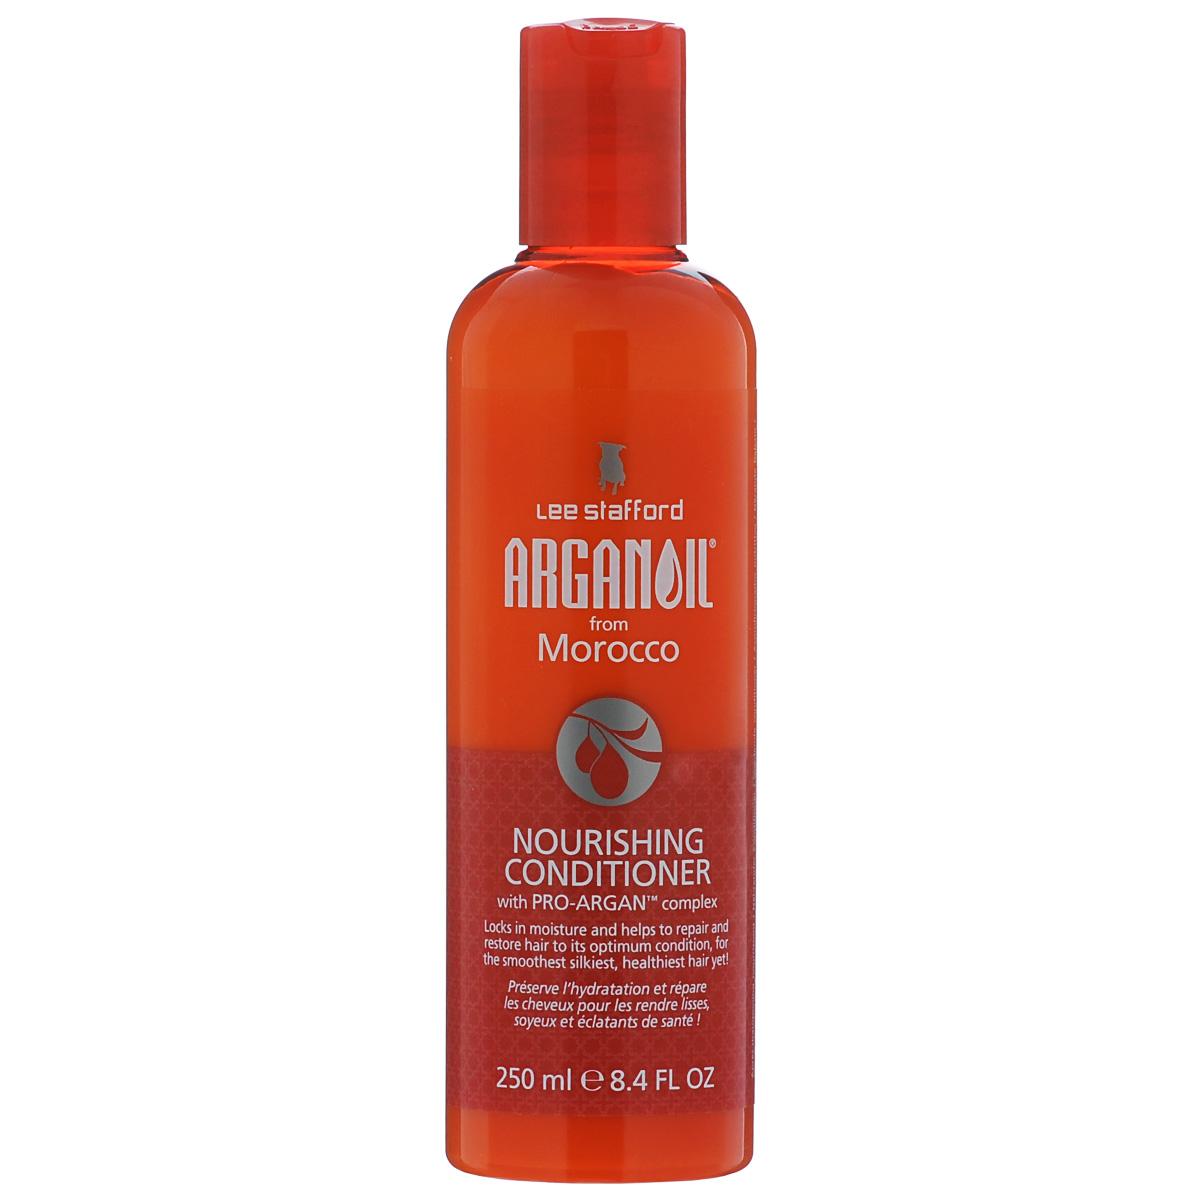 Lee Stafford Питательный кондиционер для волос с аргановым маслом Arganoil From Marocco, 250 мл